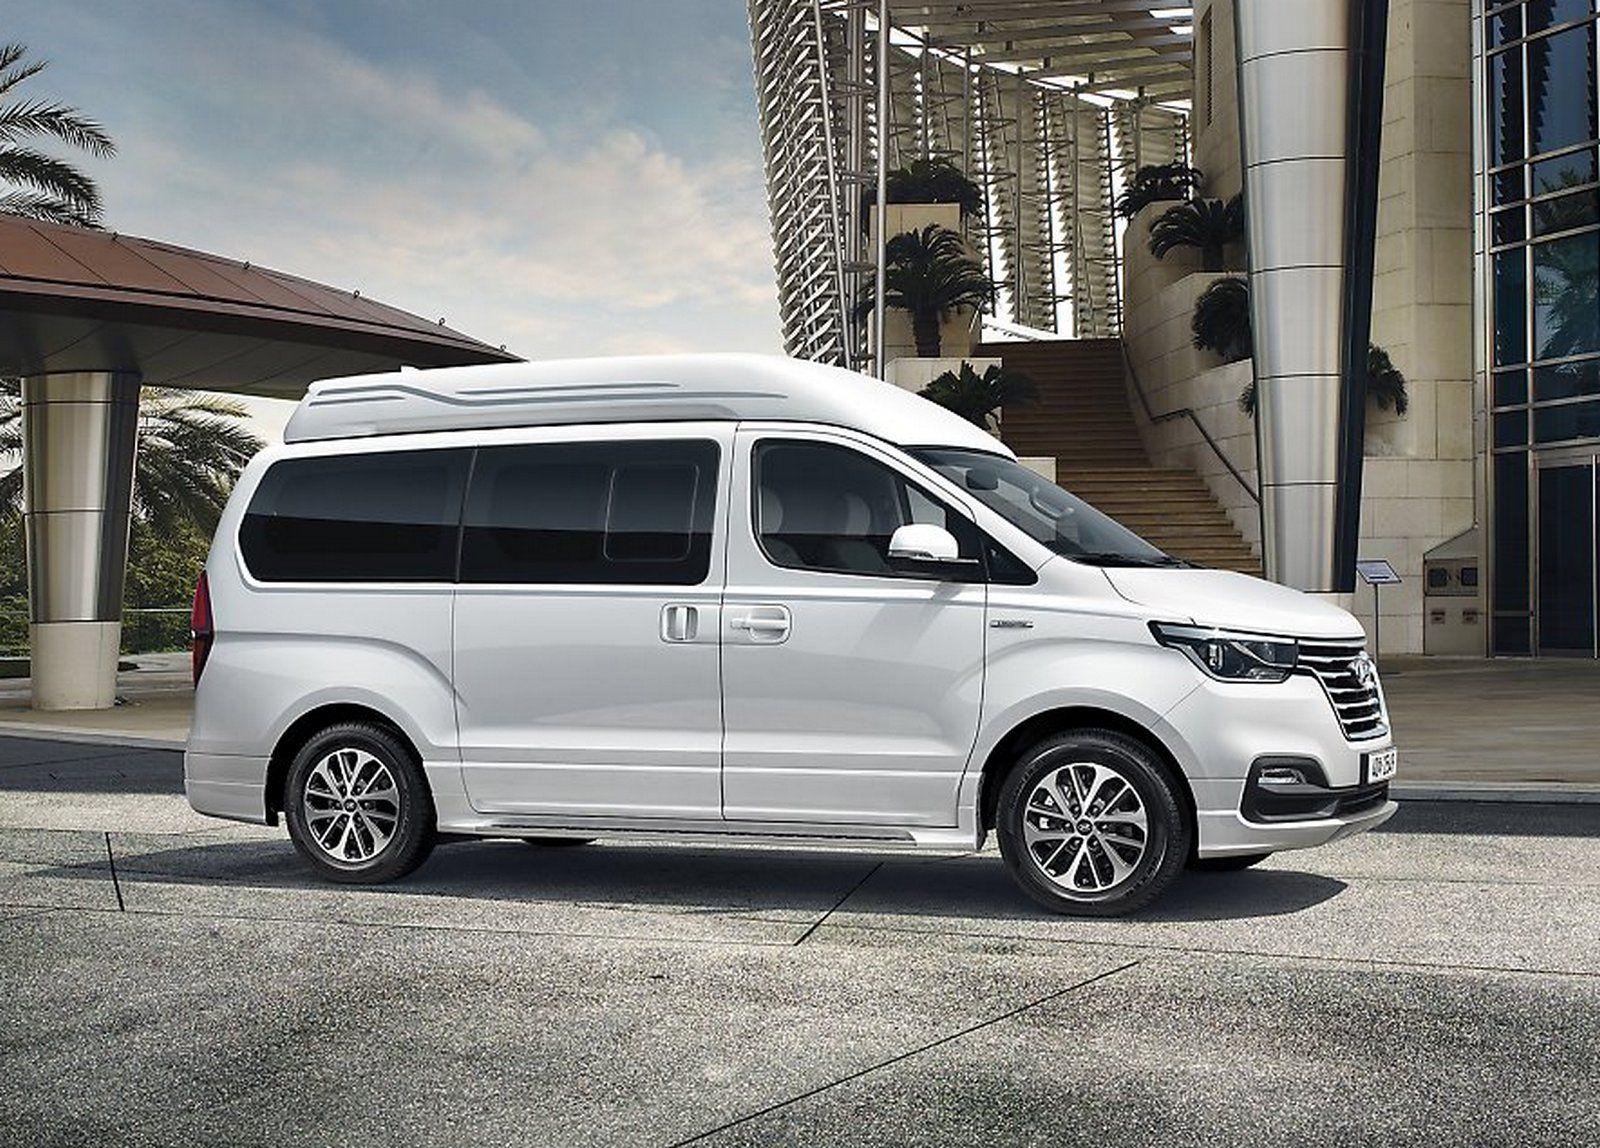 U Hyundai Budet Novyj Miniven Skoree Vsego Analog Sleduyushego Kia Carnival Hyundai Limousine Vans